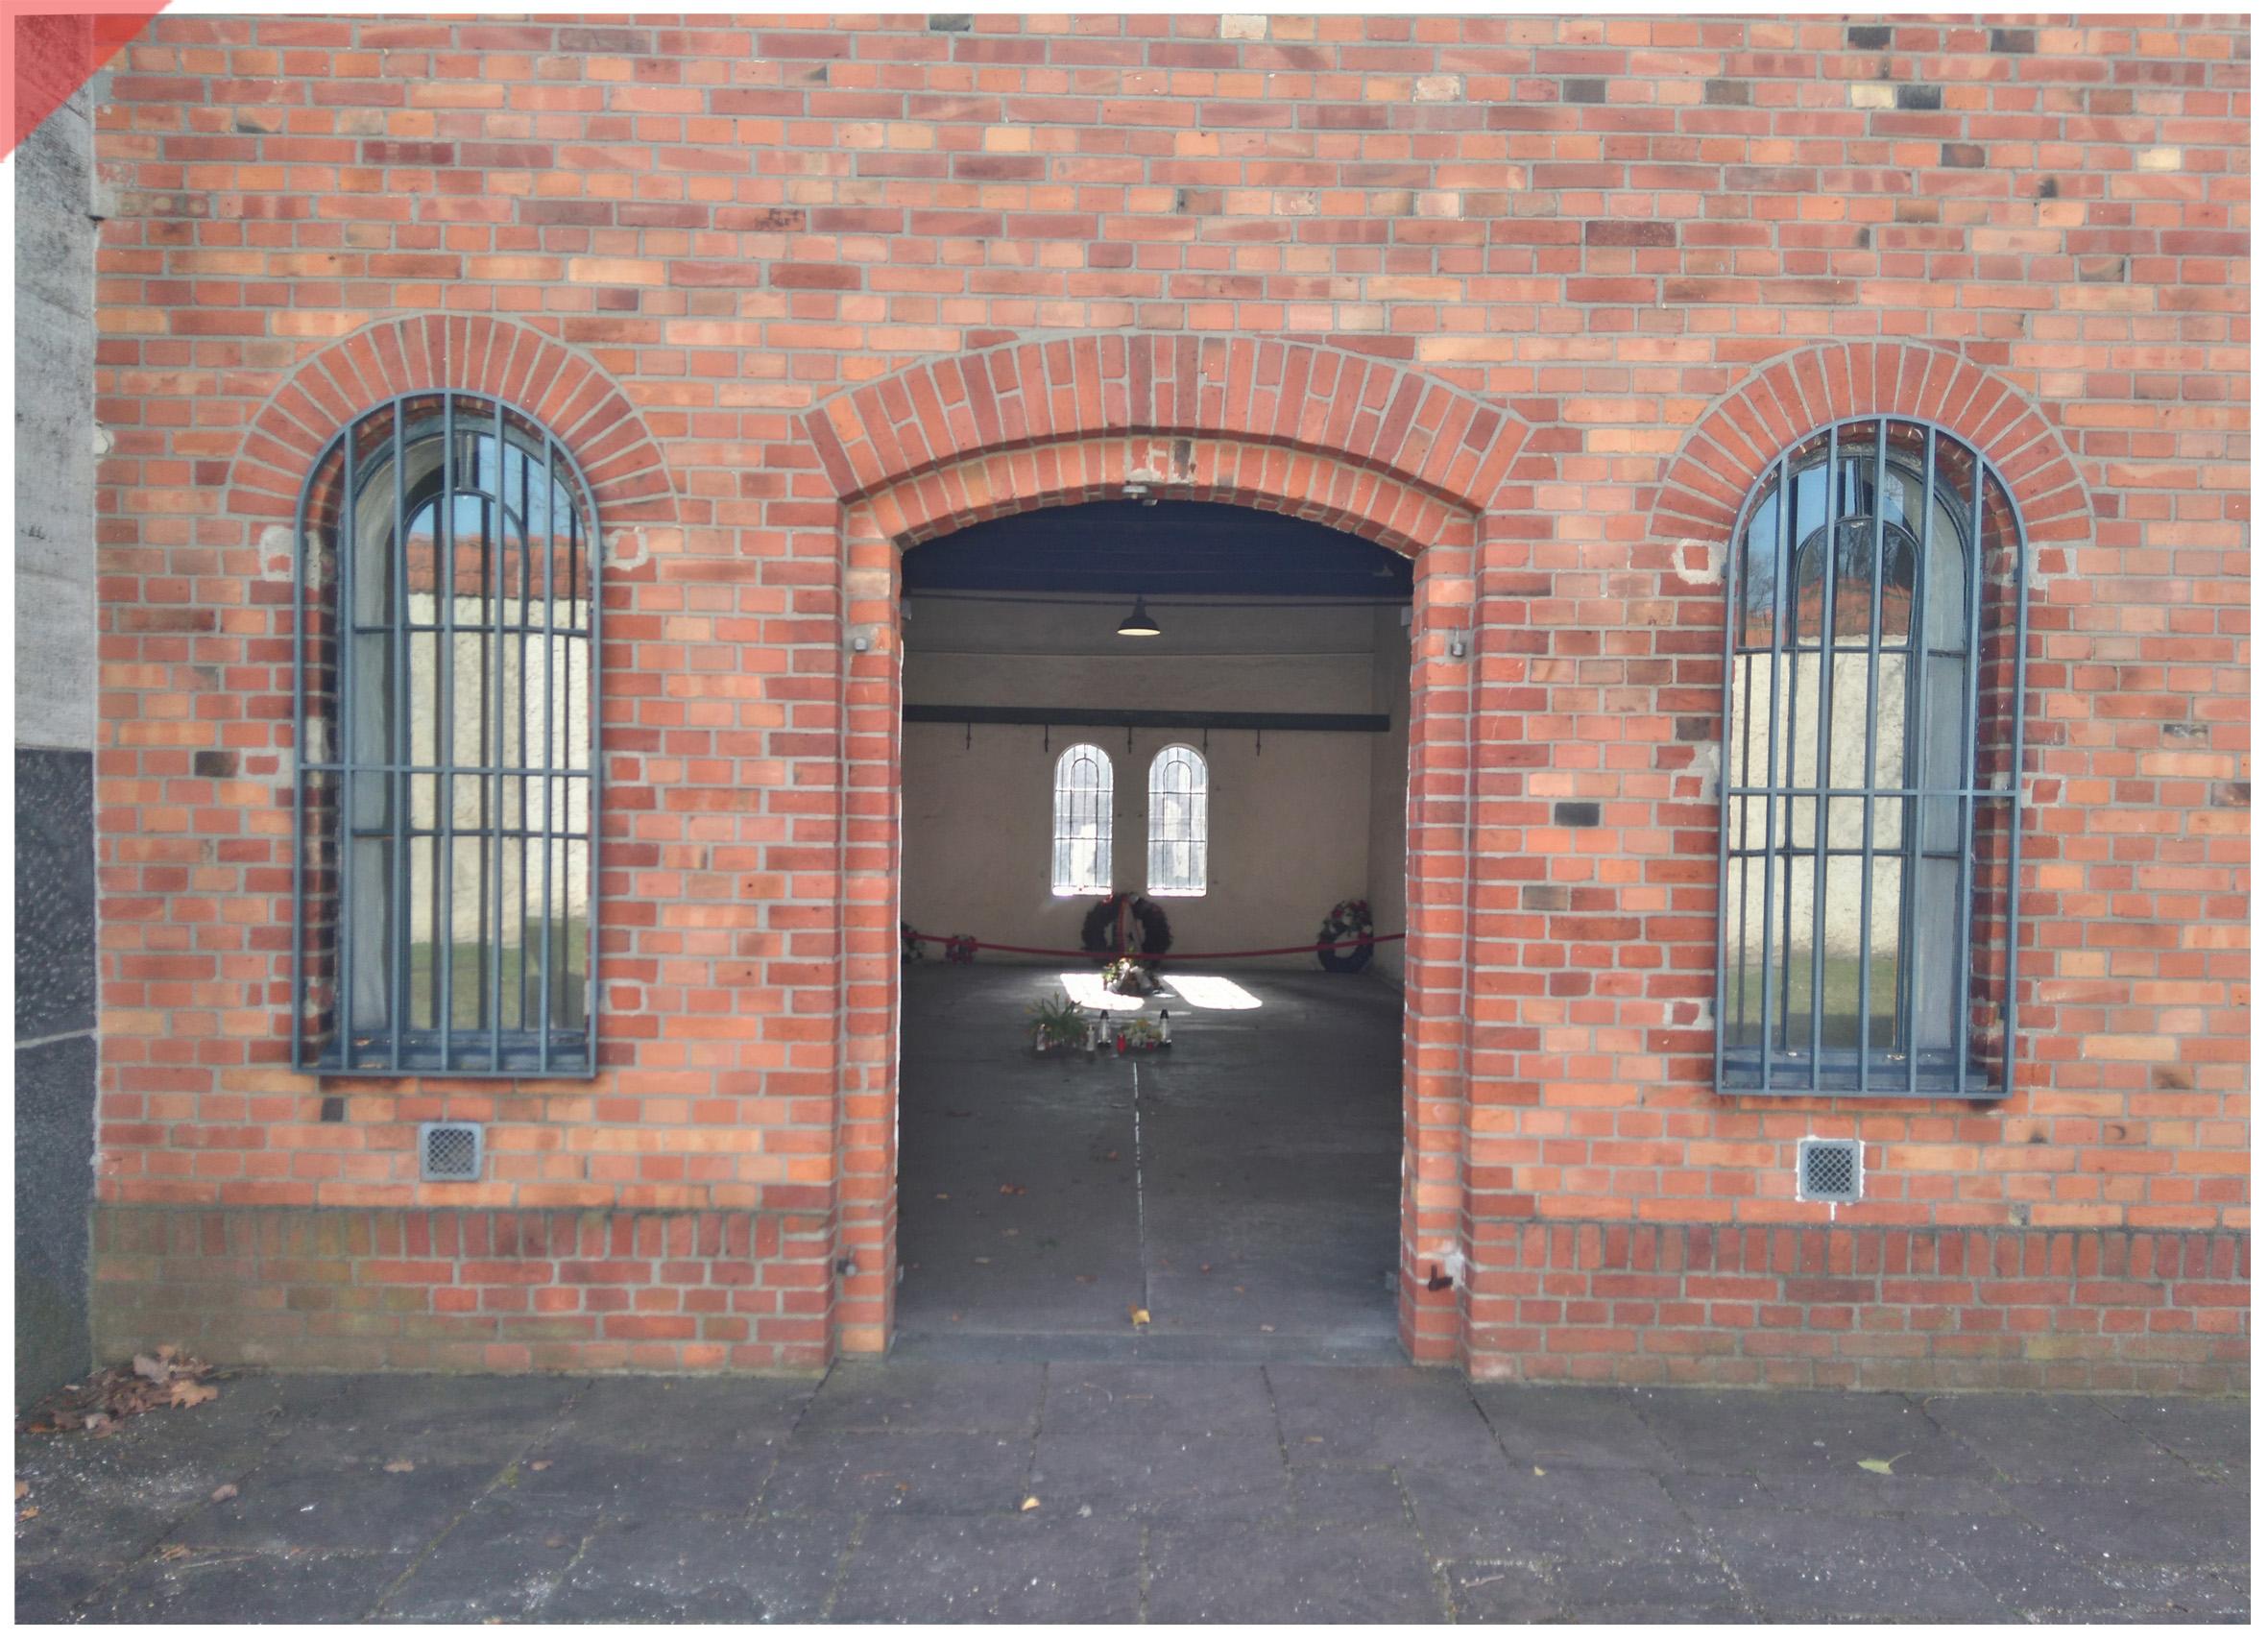 Plötzensee-Ploetzensee-Eingang-Jetzt-Tür-Prison-Gefängnis-Gedenkstätte-Fallbeil-T-Mannhardt-in-color-Brandenburg-Goerden-Görden-Guillotine-Roettger-20th-July-1944-Assassination-Stauffenberg-Plötzensee-entrance-door-now